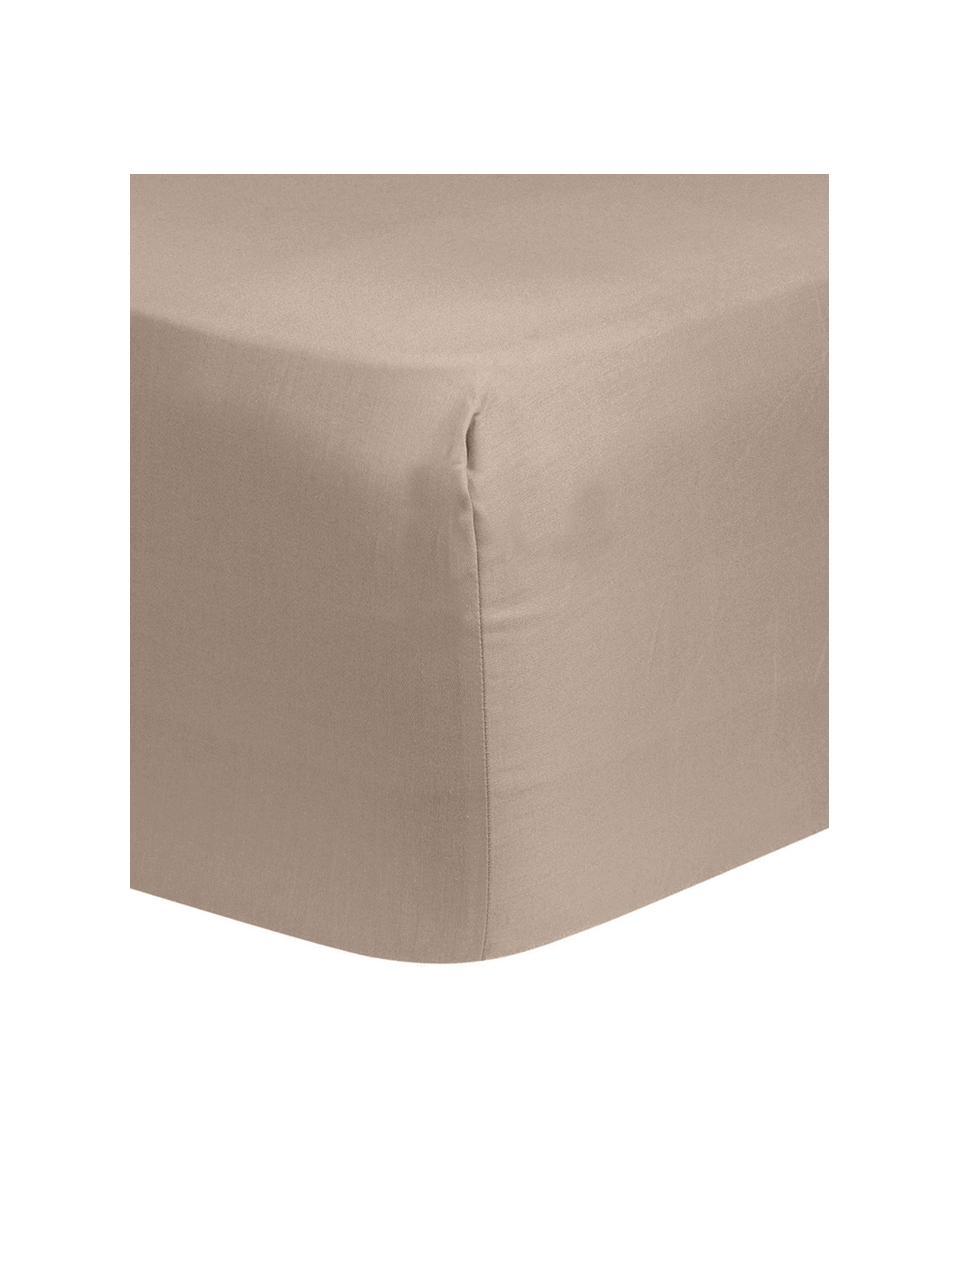 Hoeslaken Comfort in taupe, katoensatijn, Weeftechniek: satijn, licht glanzend, Taupe, 180 x 200 cm